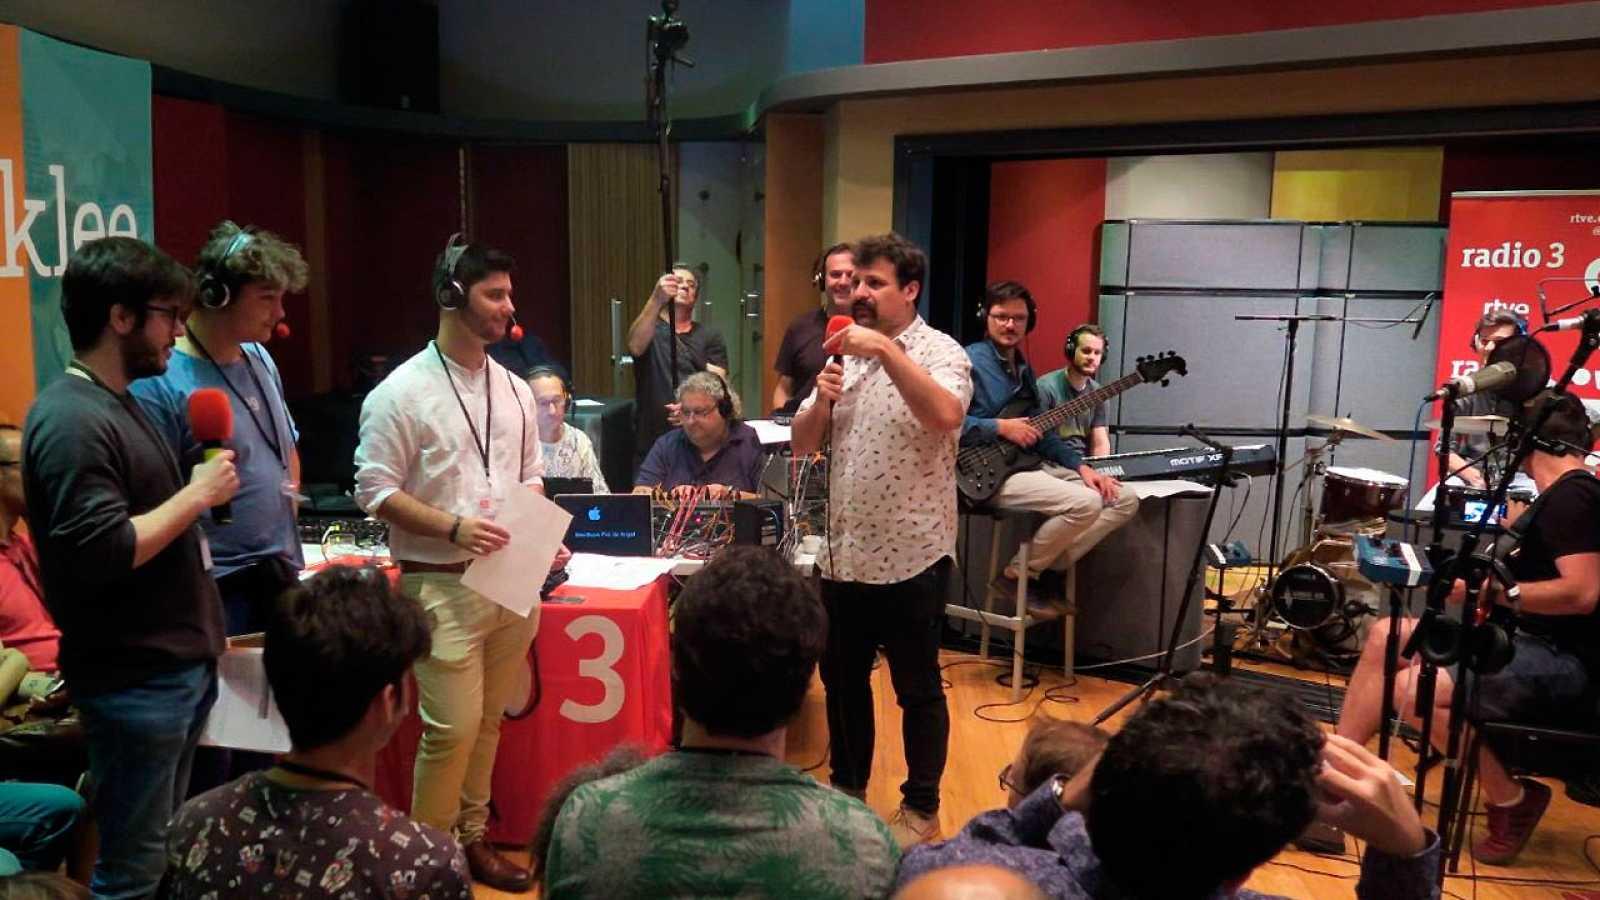 Hoy empieza todo con Ángel Carmona - Desde Berklee Valencia Campus - 01/06/17 - escuchar ahora